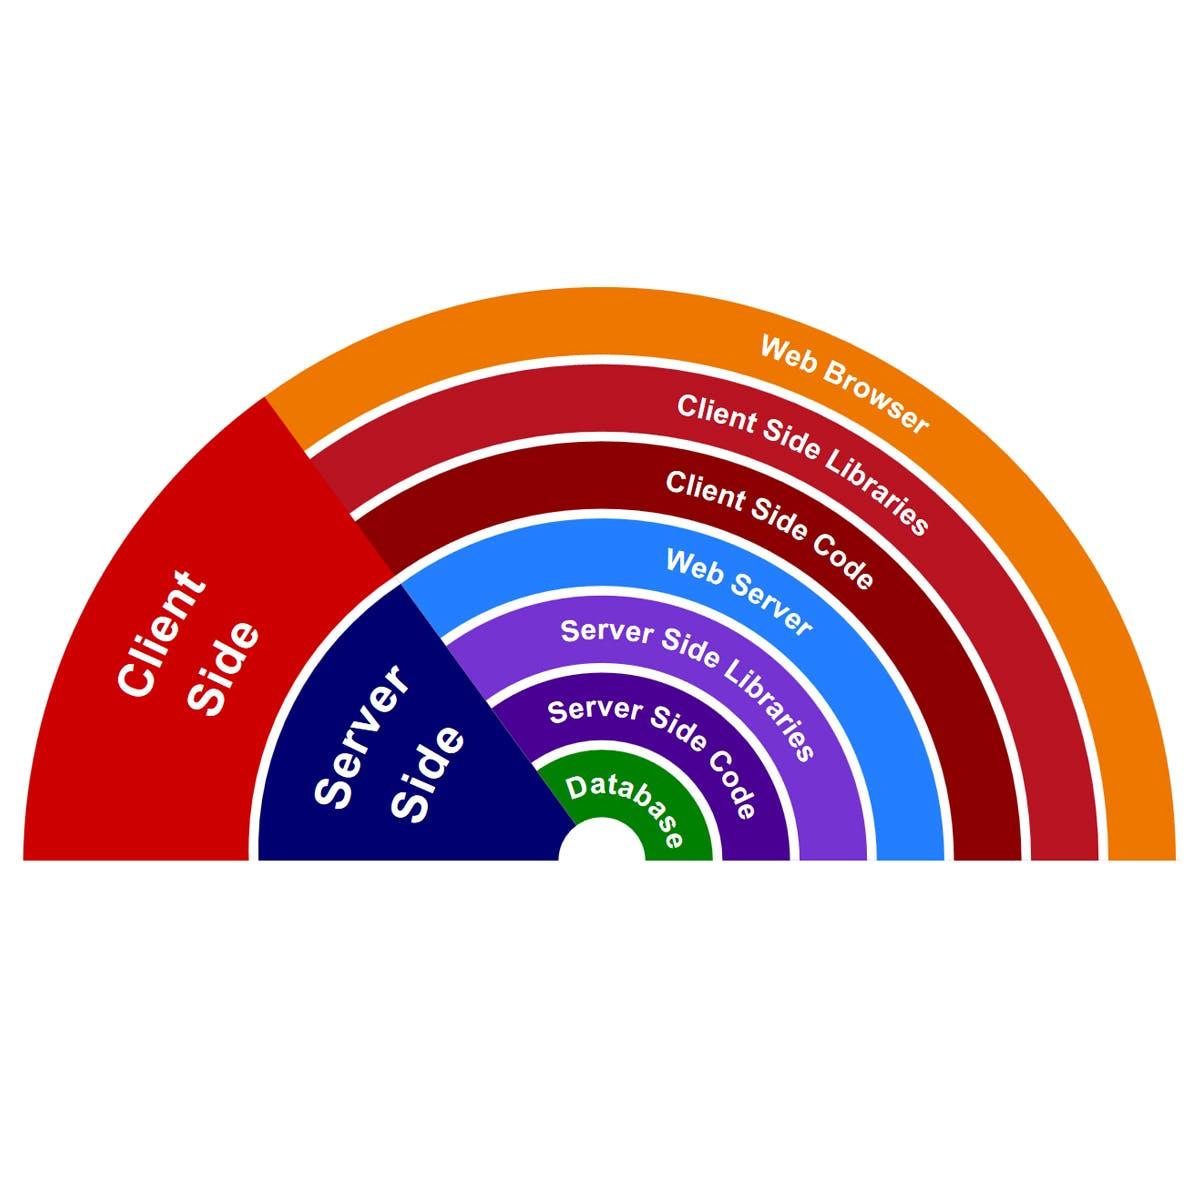 全栈 Web 开发专项课程毕业项目